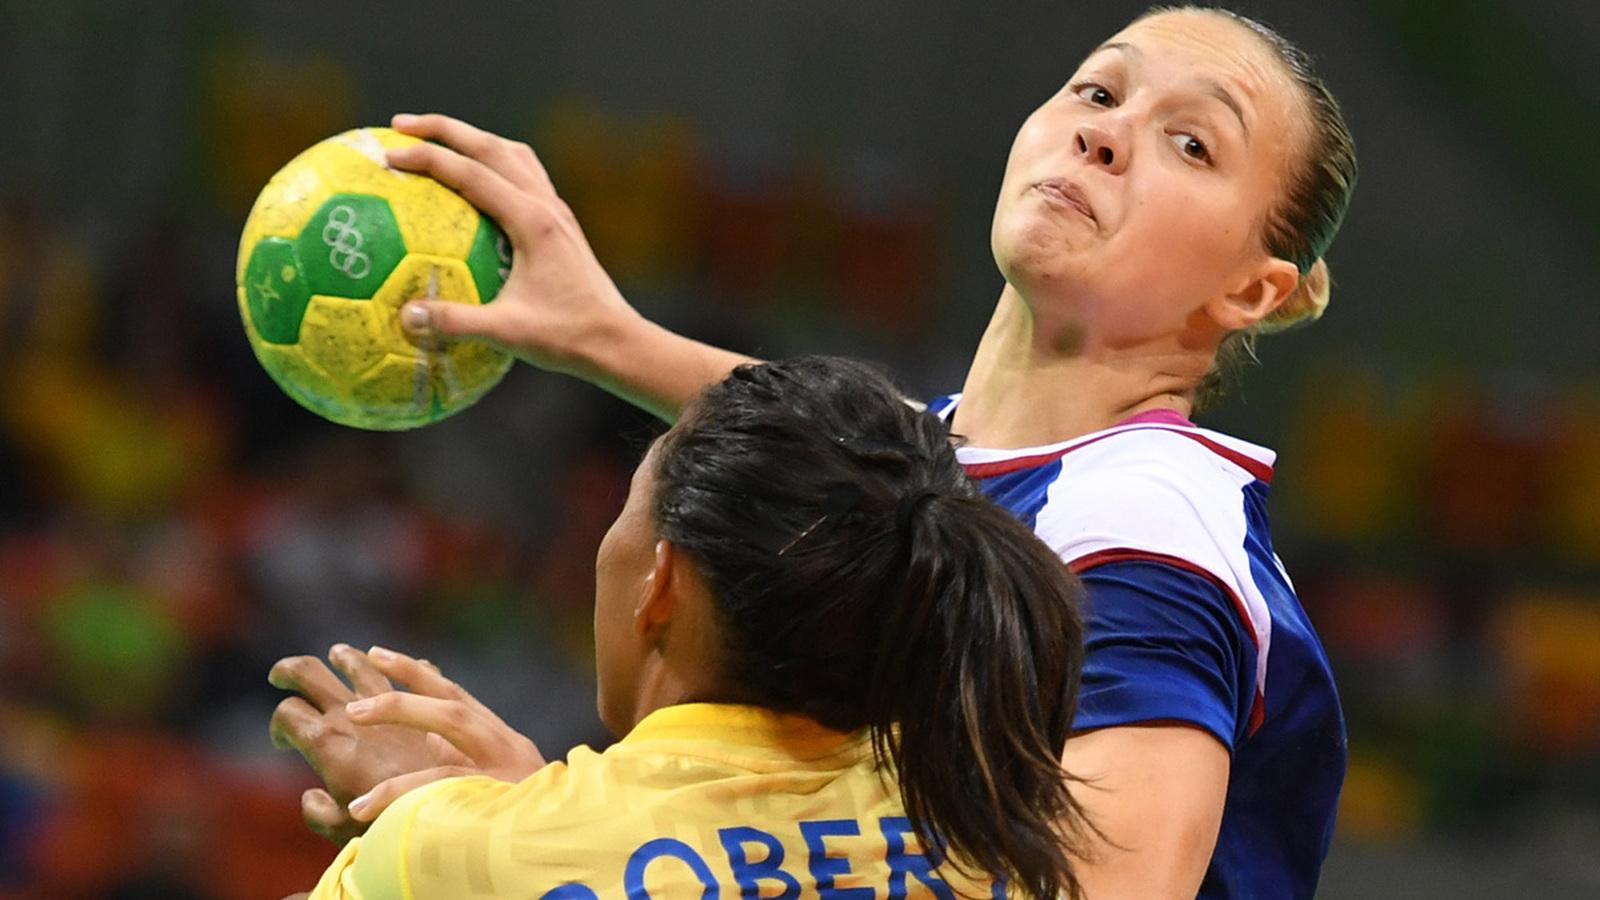 Российская гандболистка Дарья Дмитриева в атаке на ворота сборной Швеции в олимпийском турнире